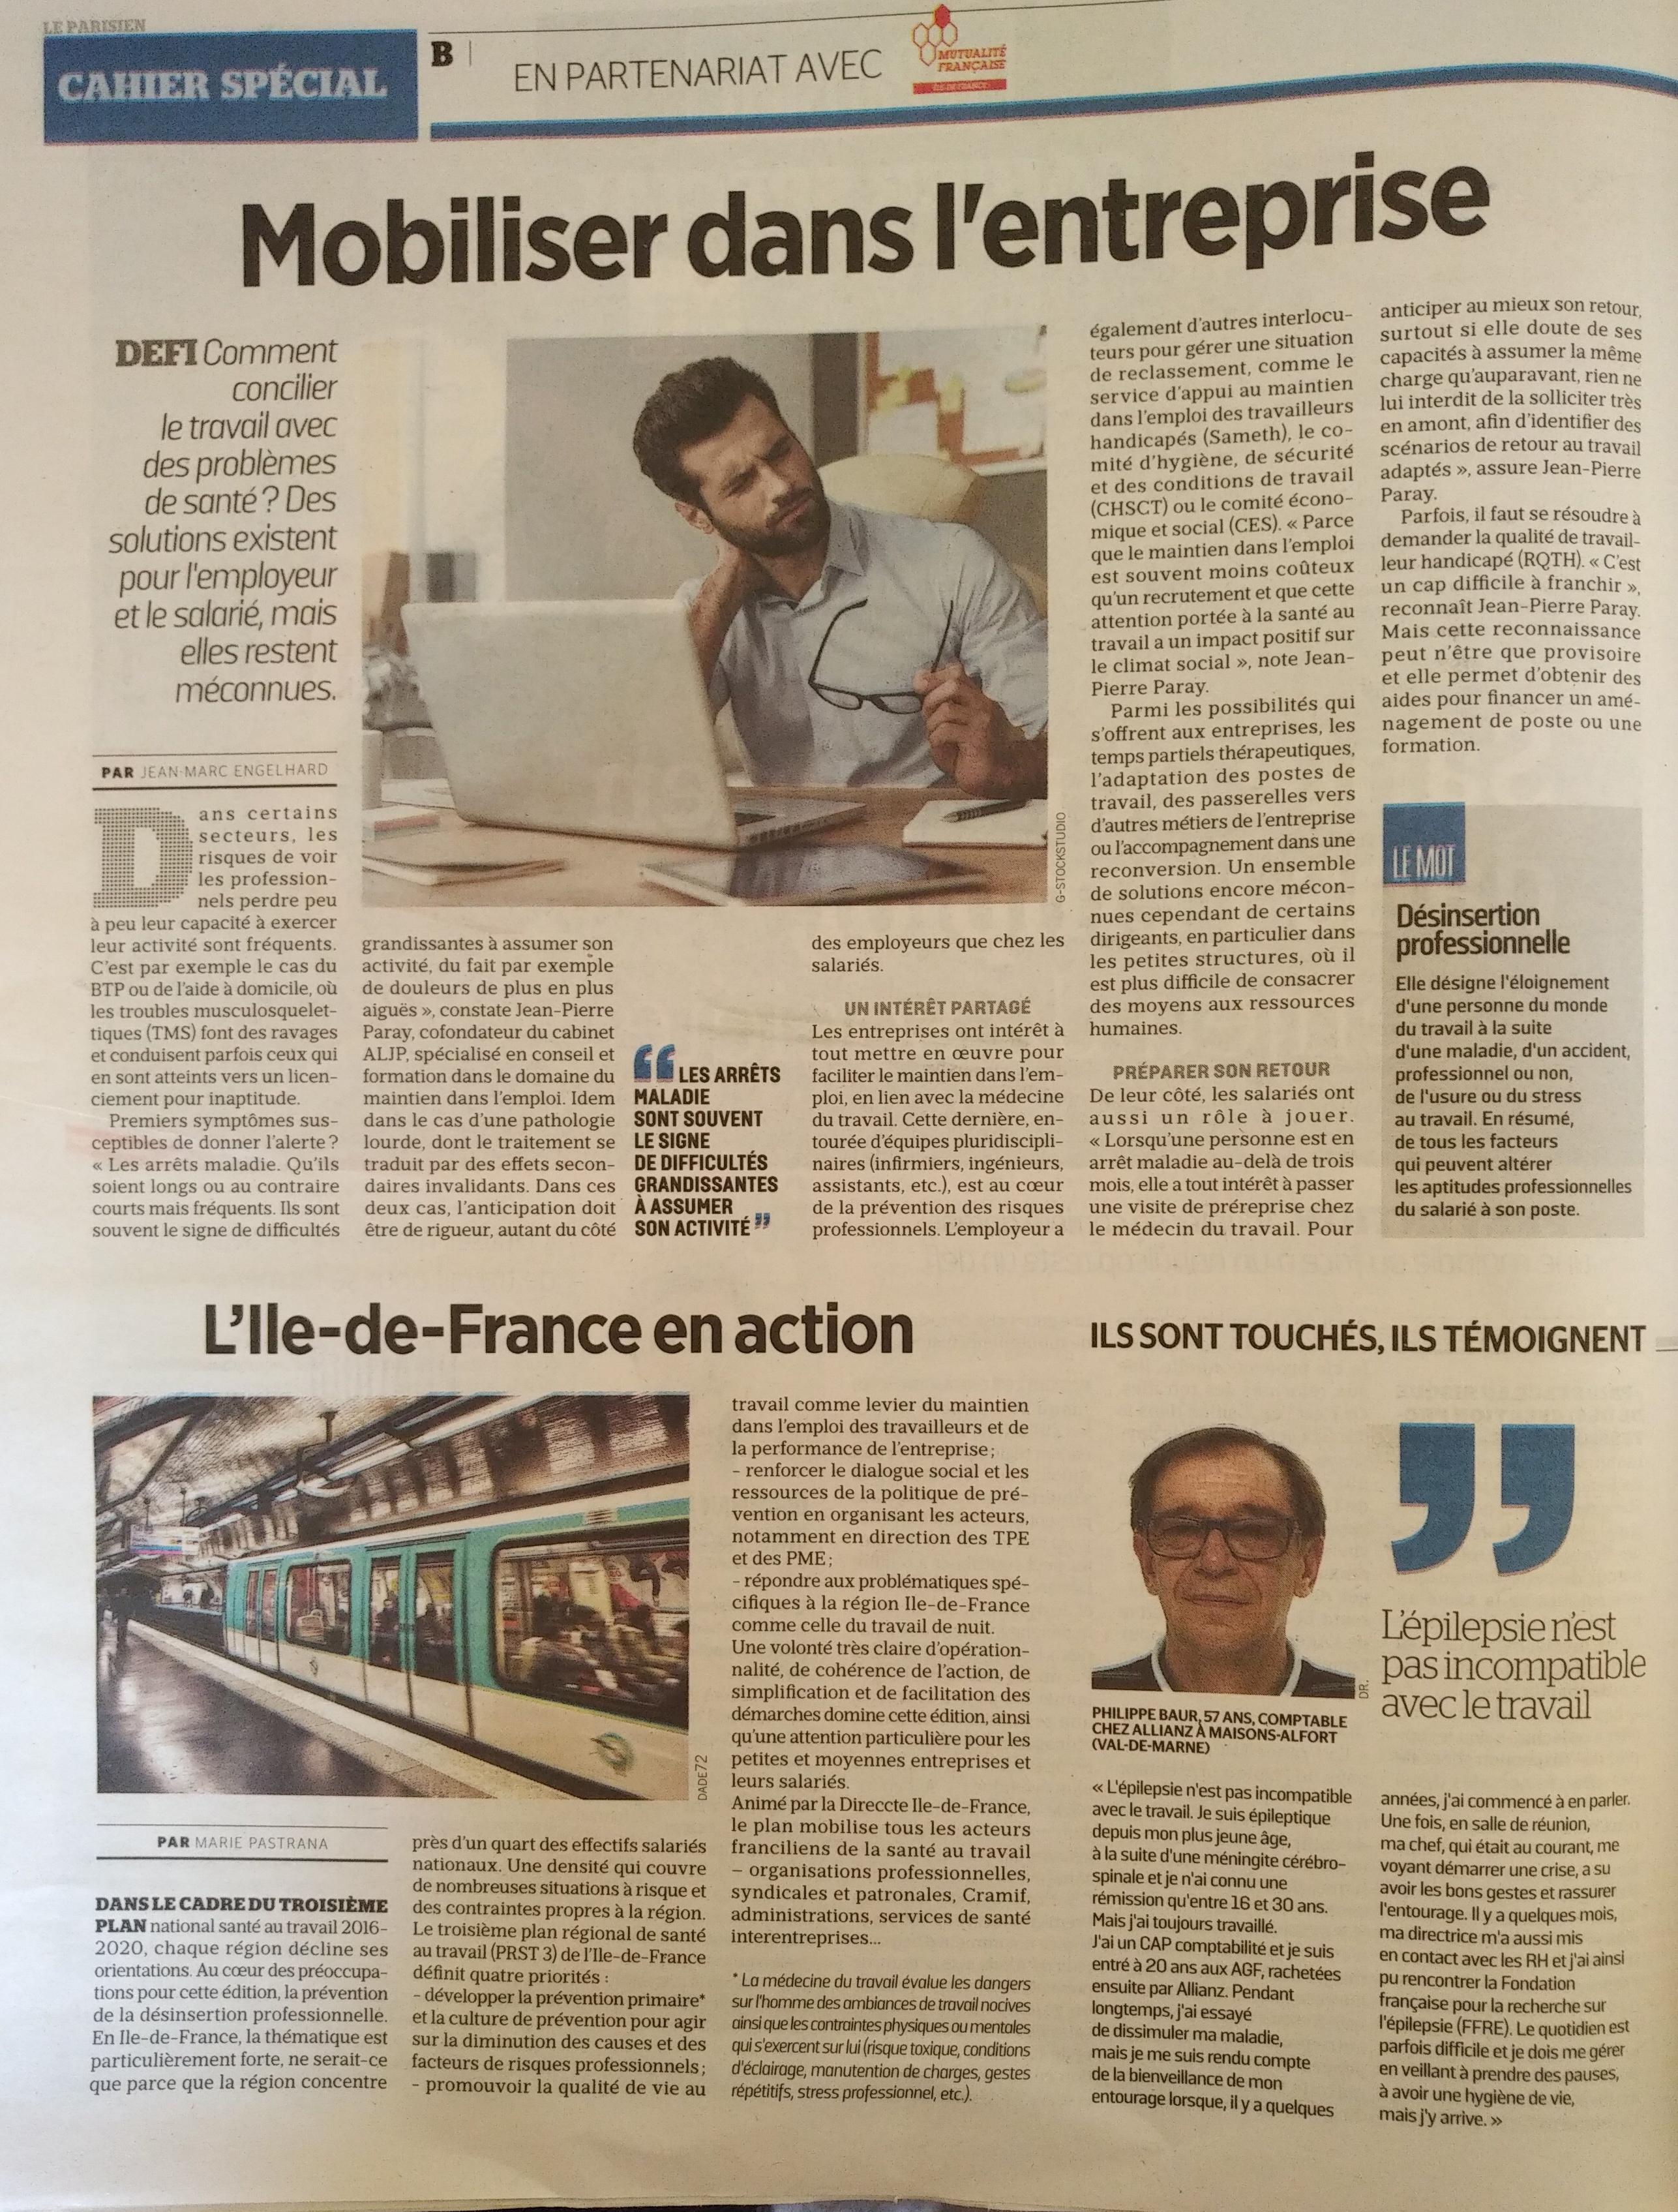 Le Parisien Carnet Spécial Mobiliser dans l entreprise